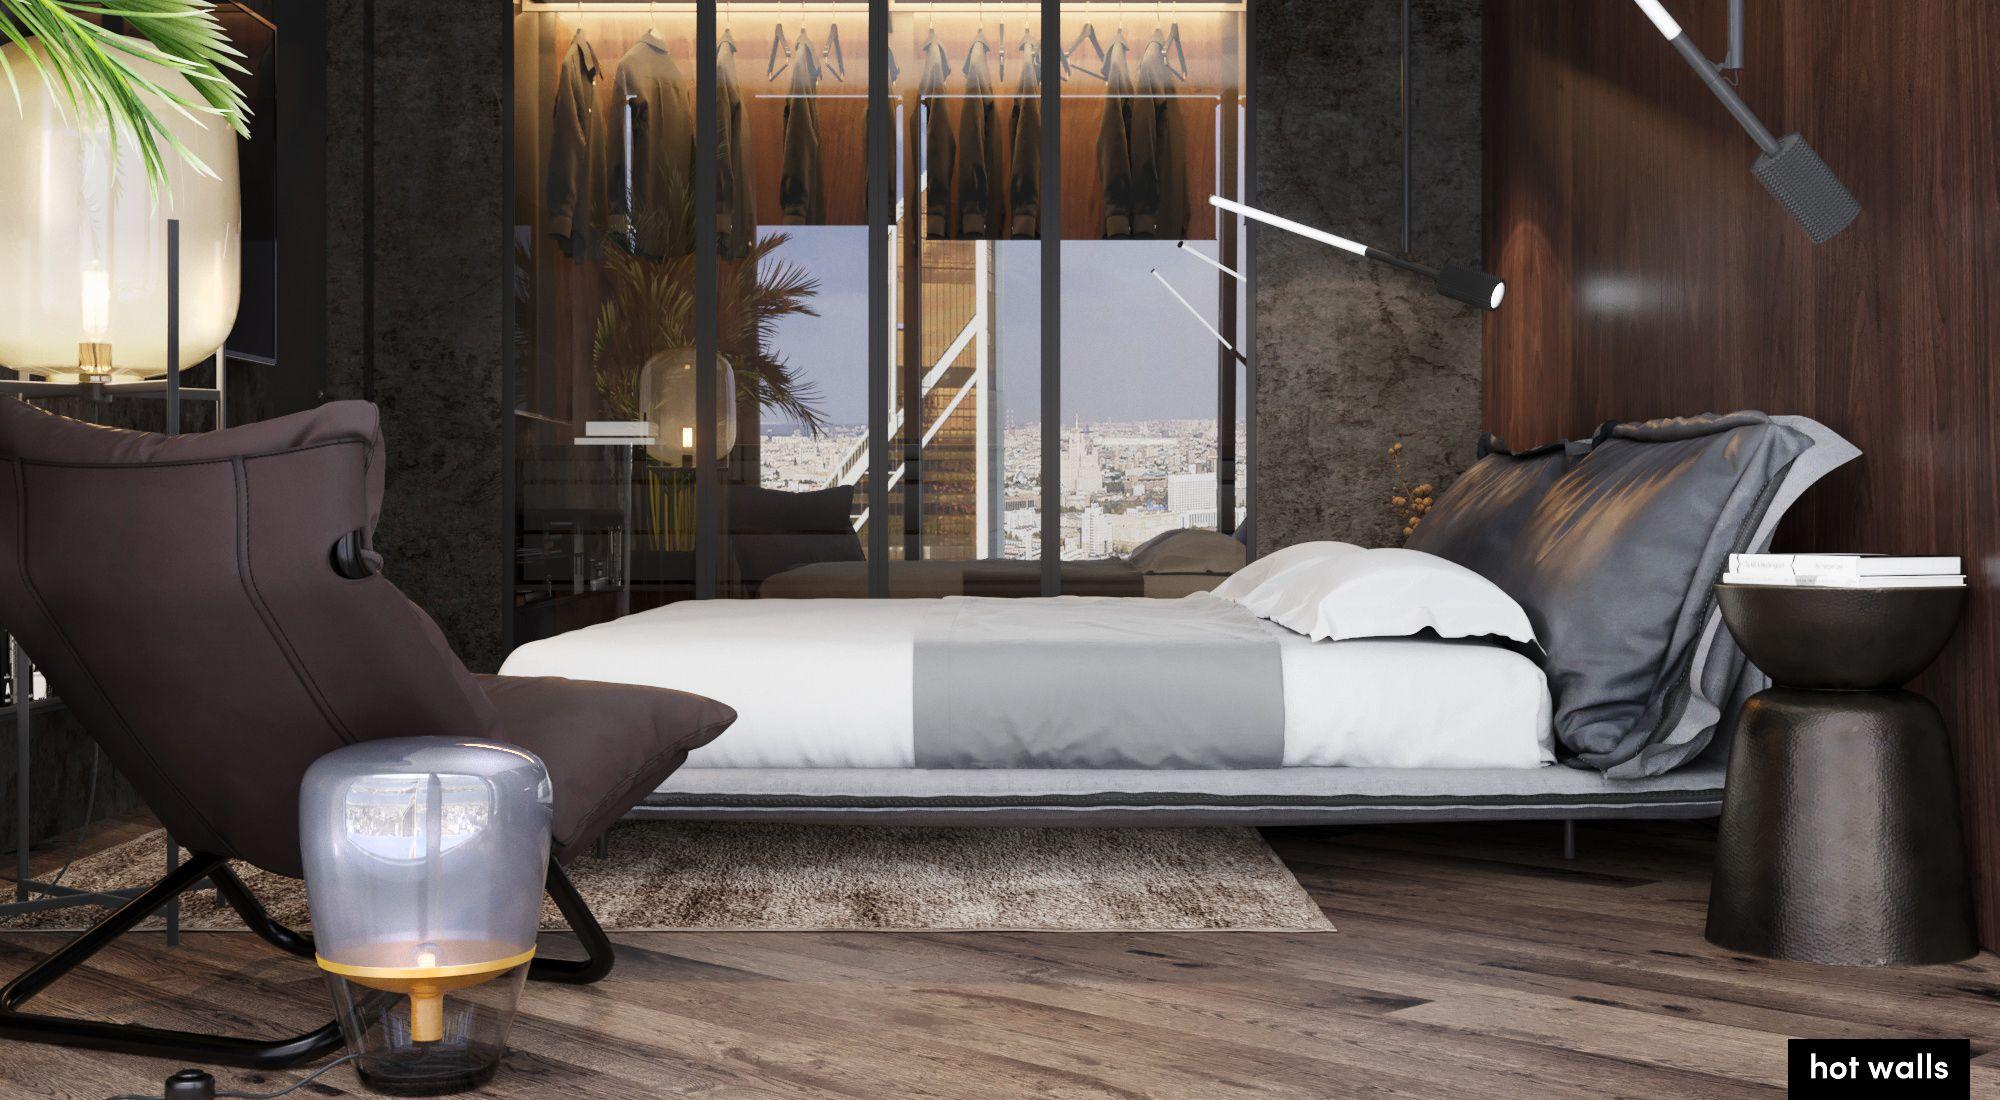 Bedroom_11.01.18_2